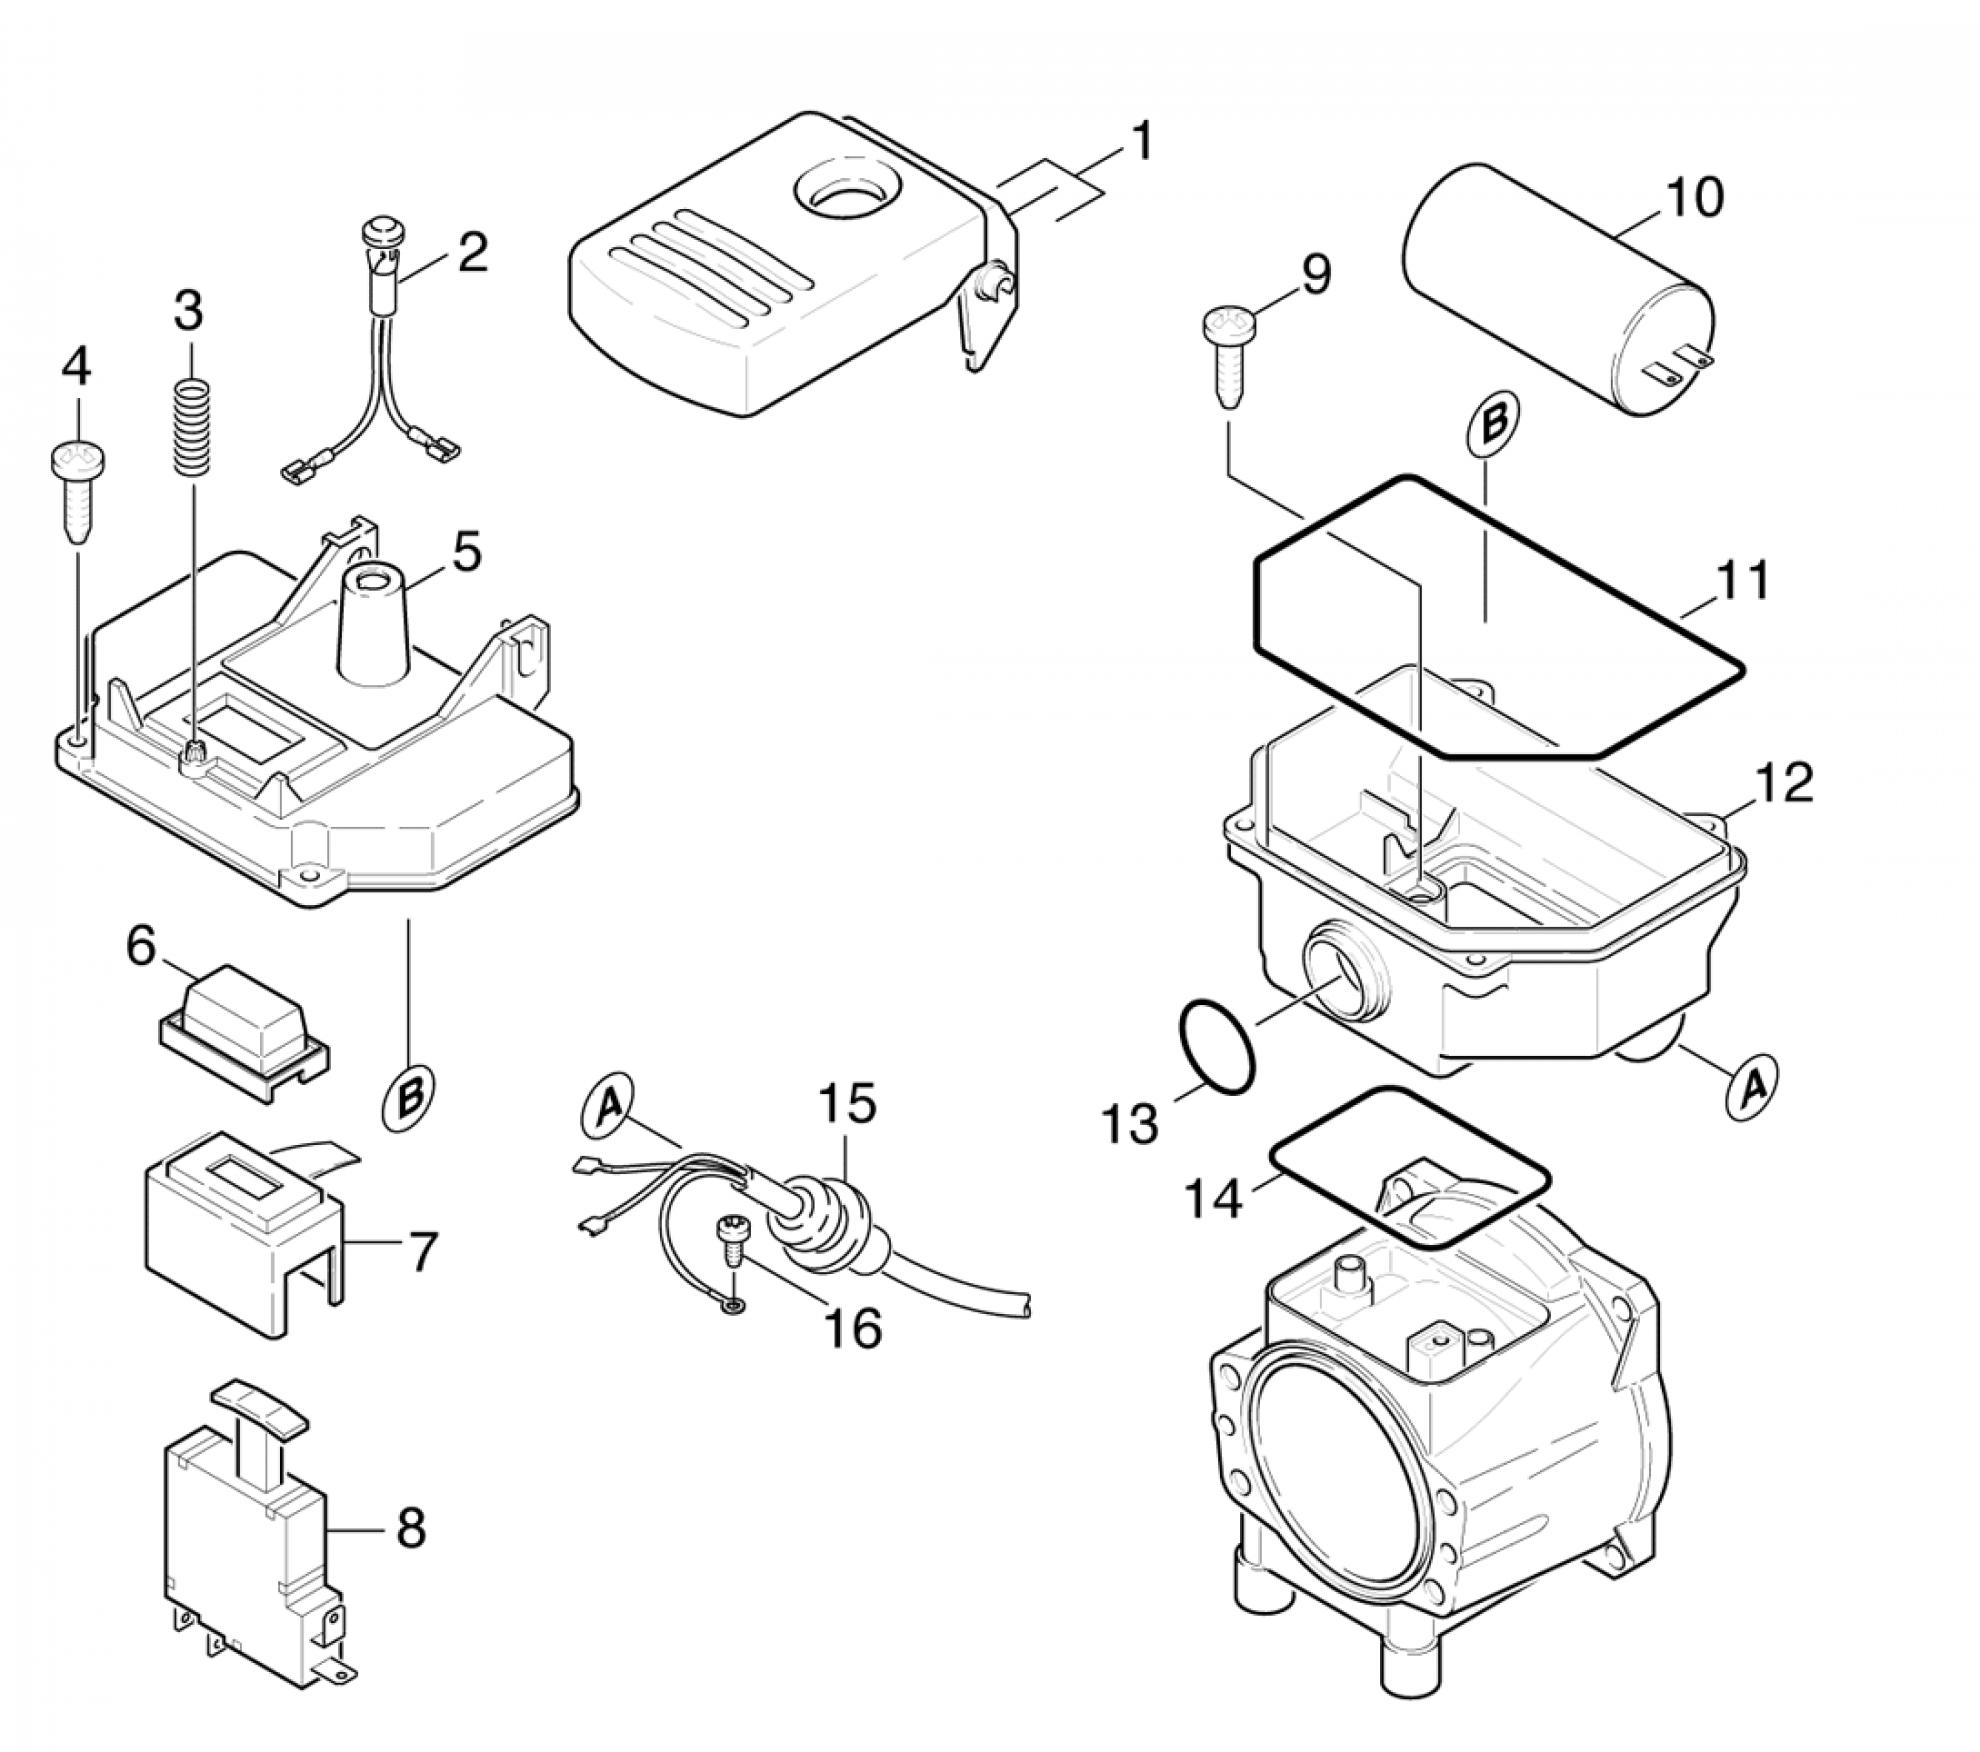 pi ces d tach es pour nettoyeur haute pression k 635 m. Black Bedroom Furniture Sets. Home Design Ideas